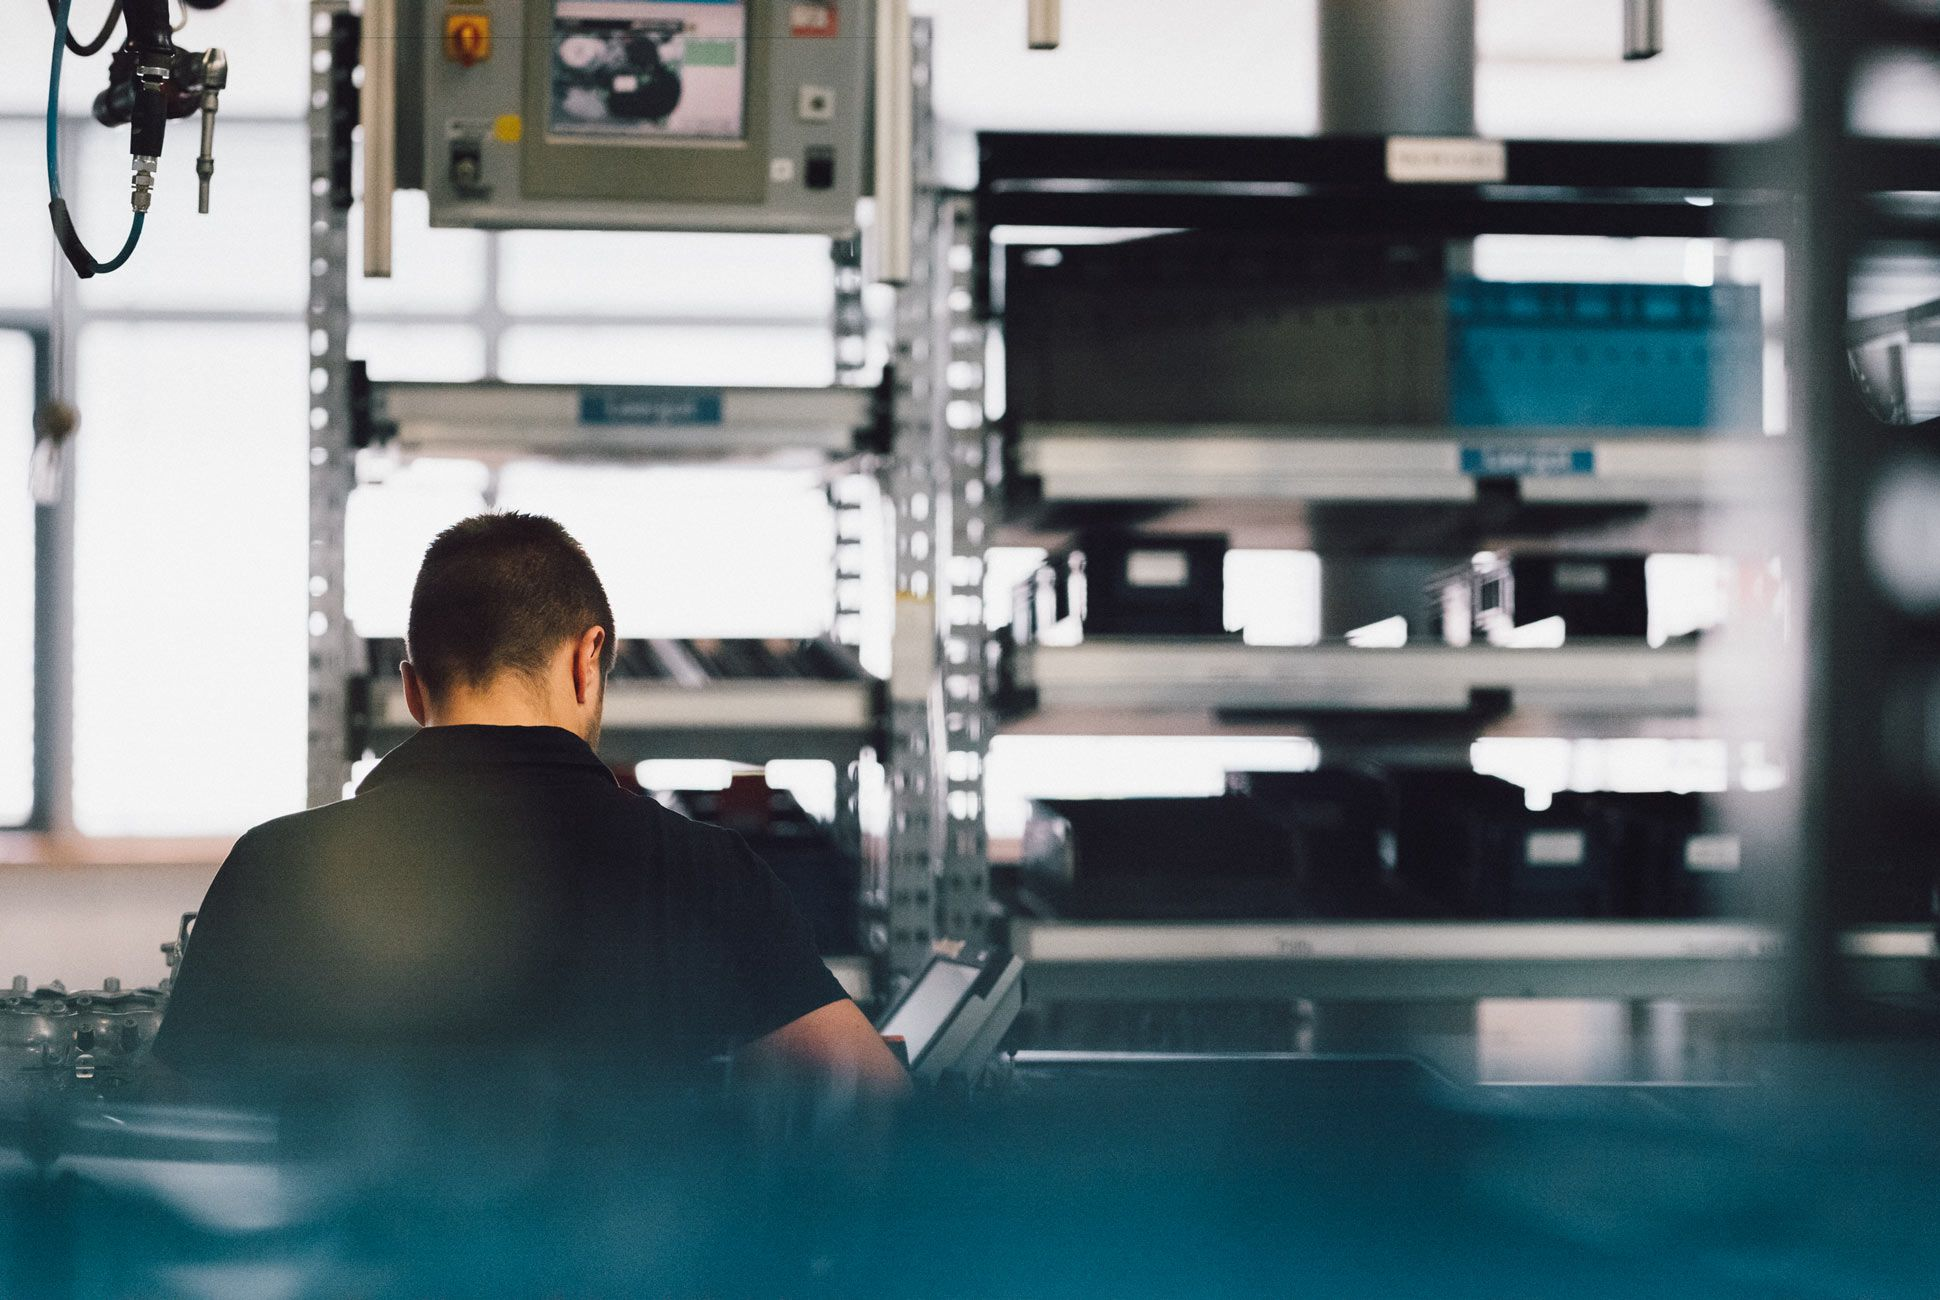 amg-factory-gear-patrol-6